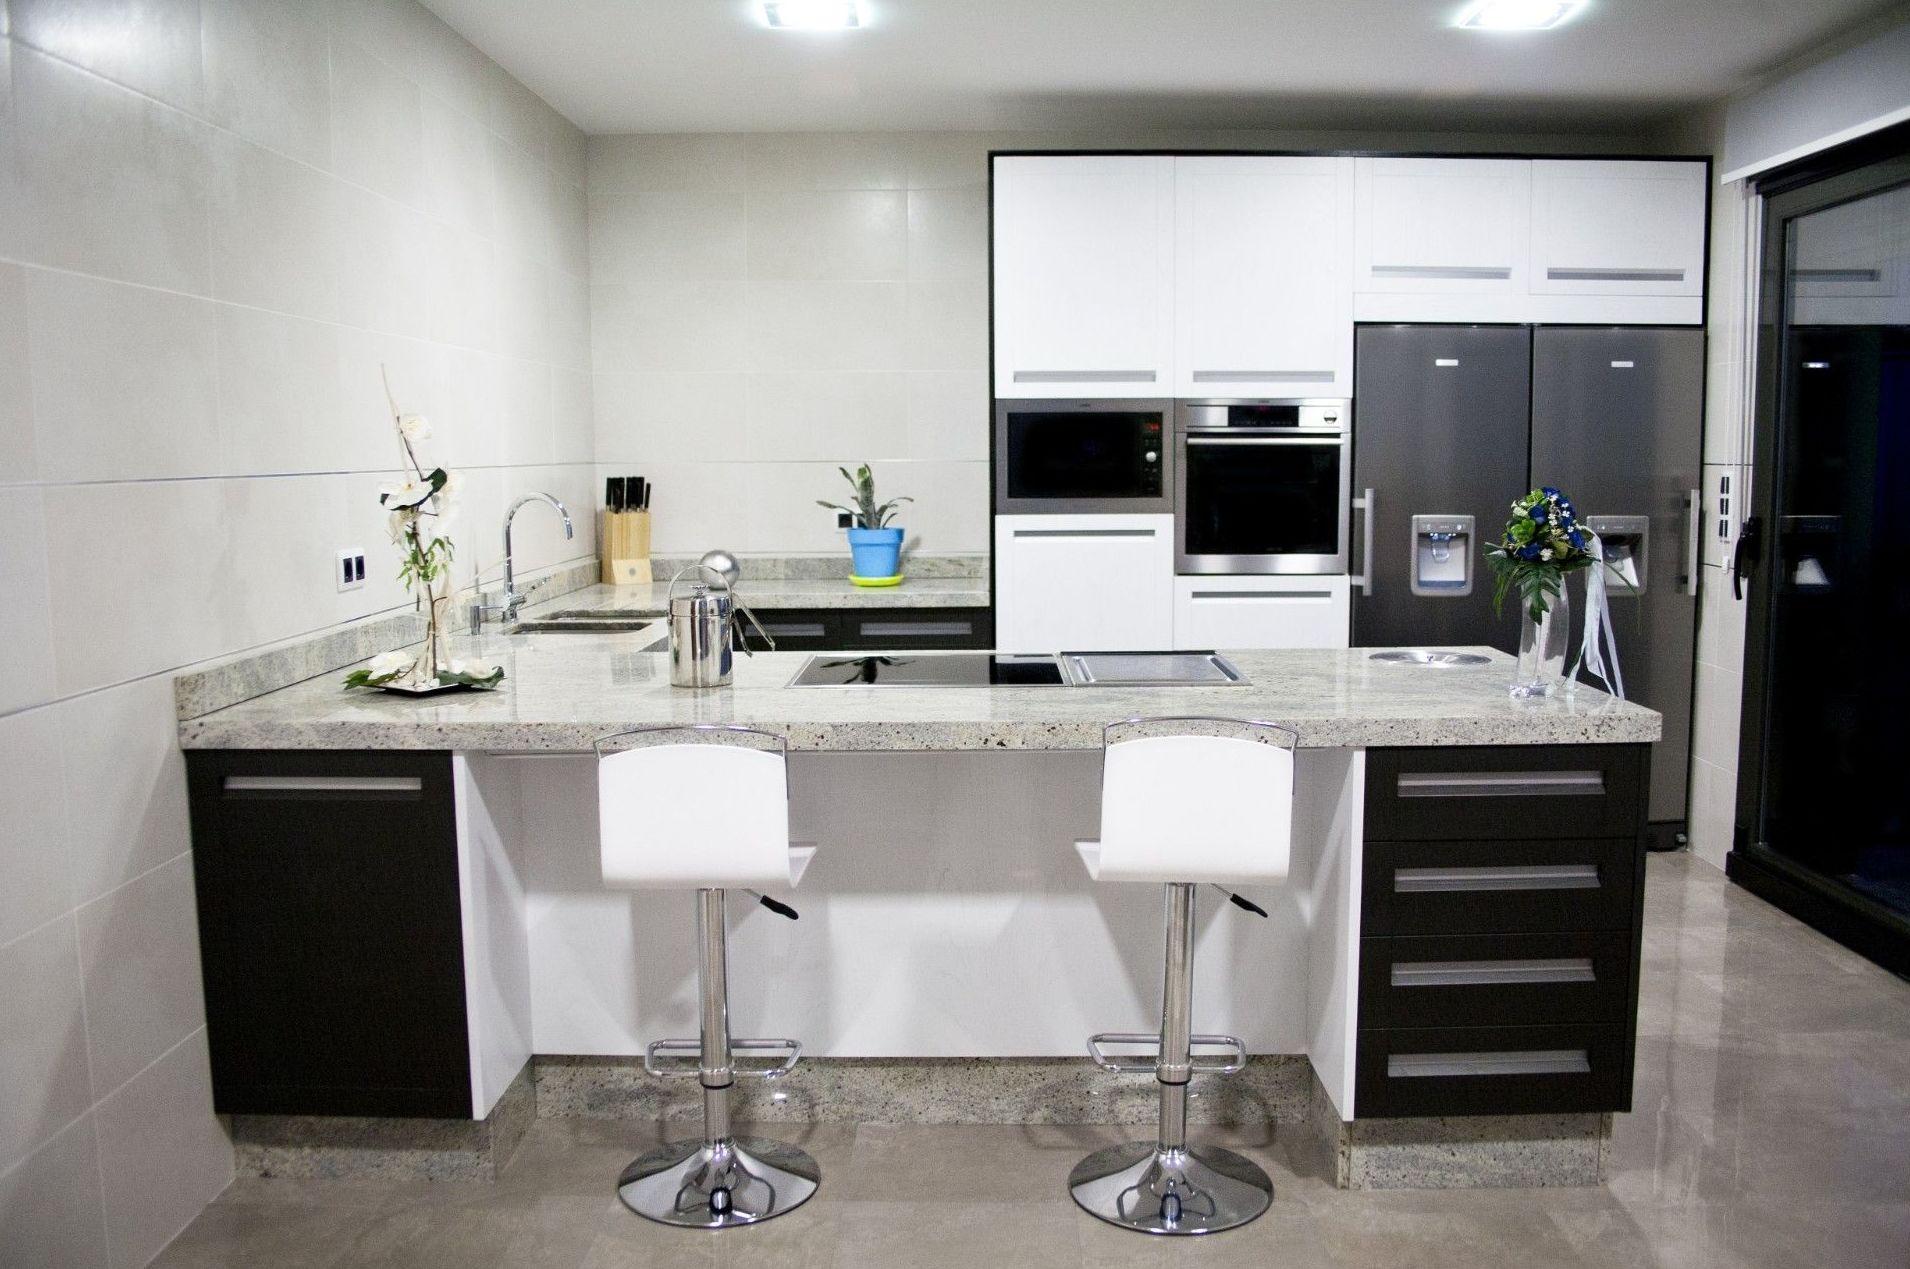 Muebles de cocina realizados en madera de roble lacada beta vista